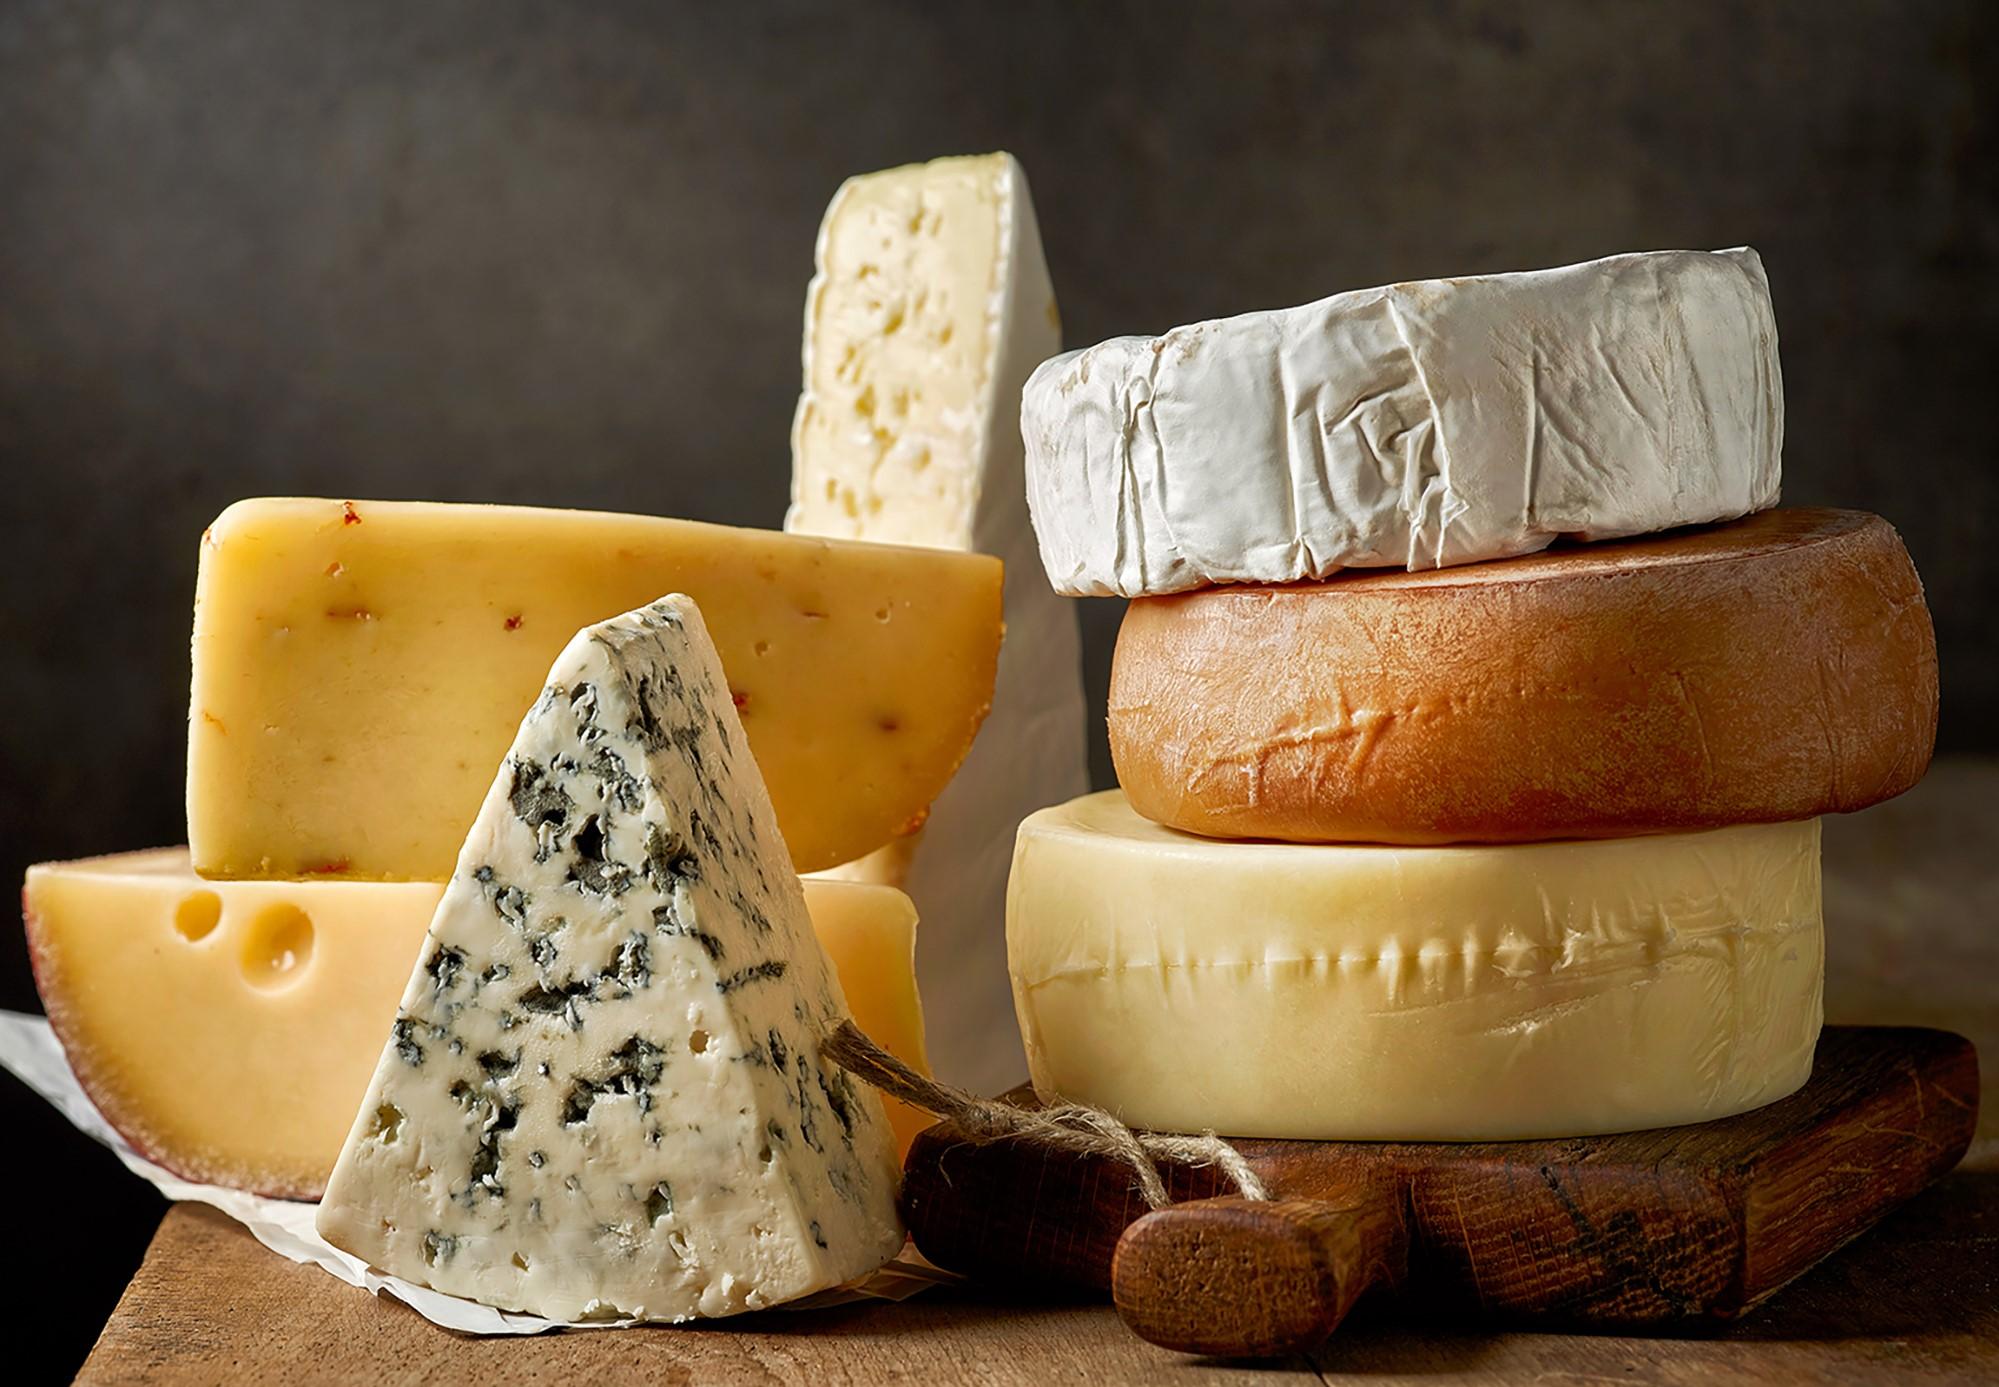 Le fromage fait également partie des aliments pauvres en glucides et peut être consommé cru et comme ingrédient de diverses recettes délicieuses. Une seule tranche contient une quantité similaire d'éléments nutritifs comme un verre de lait entier.